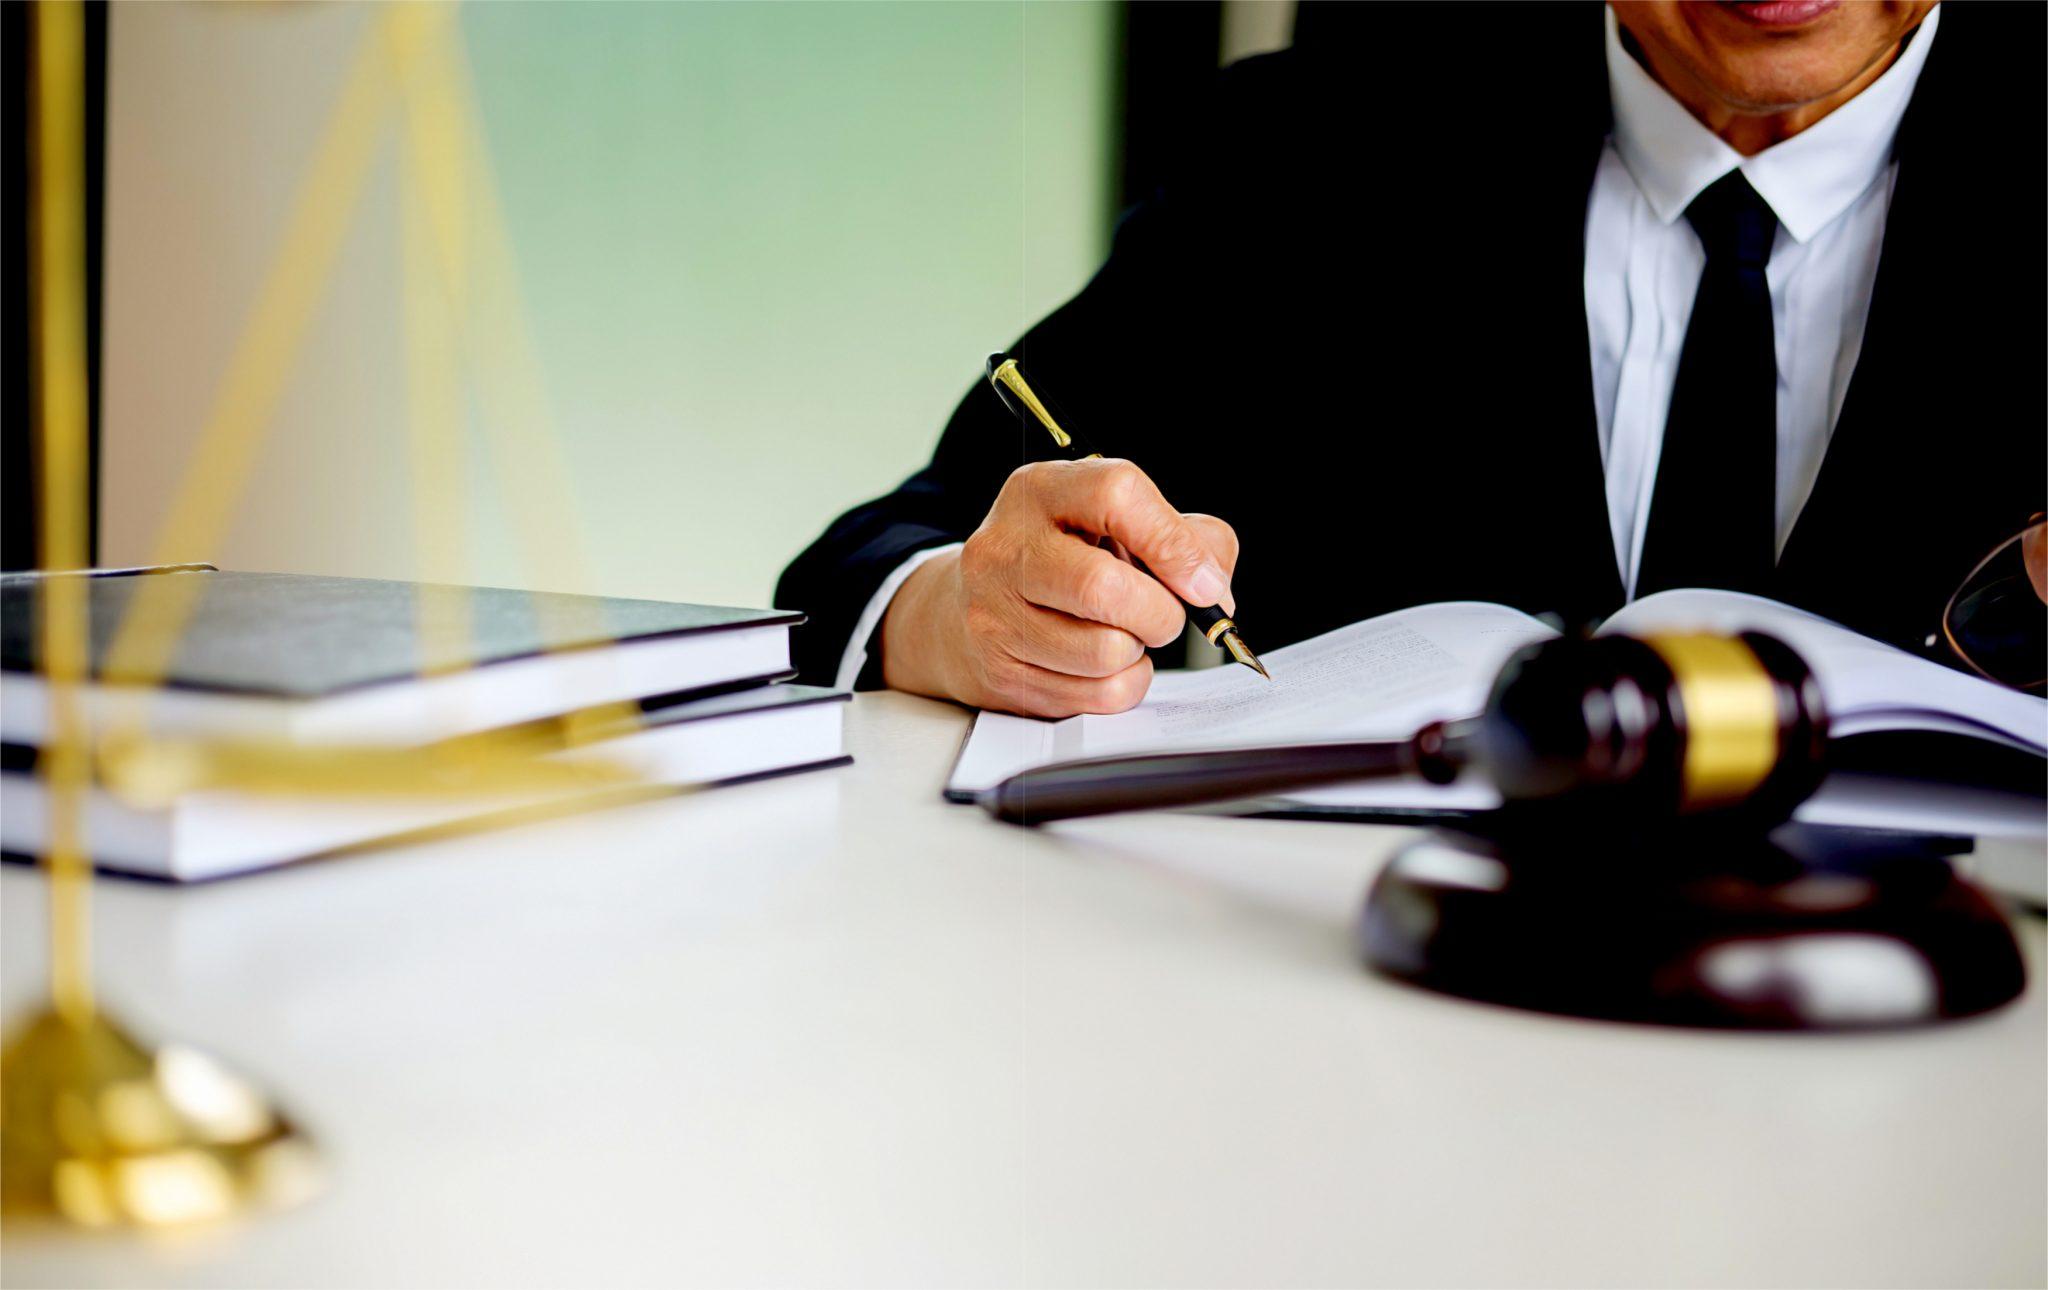 法律と規律の確認